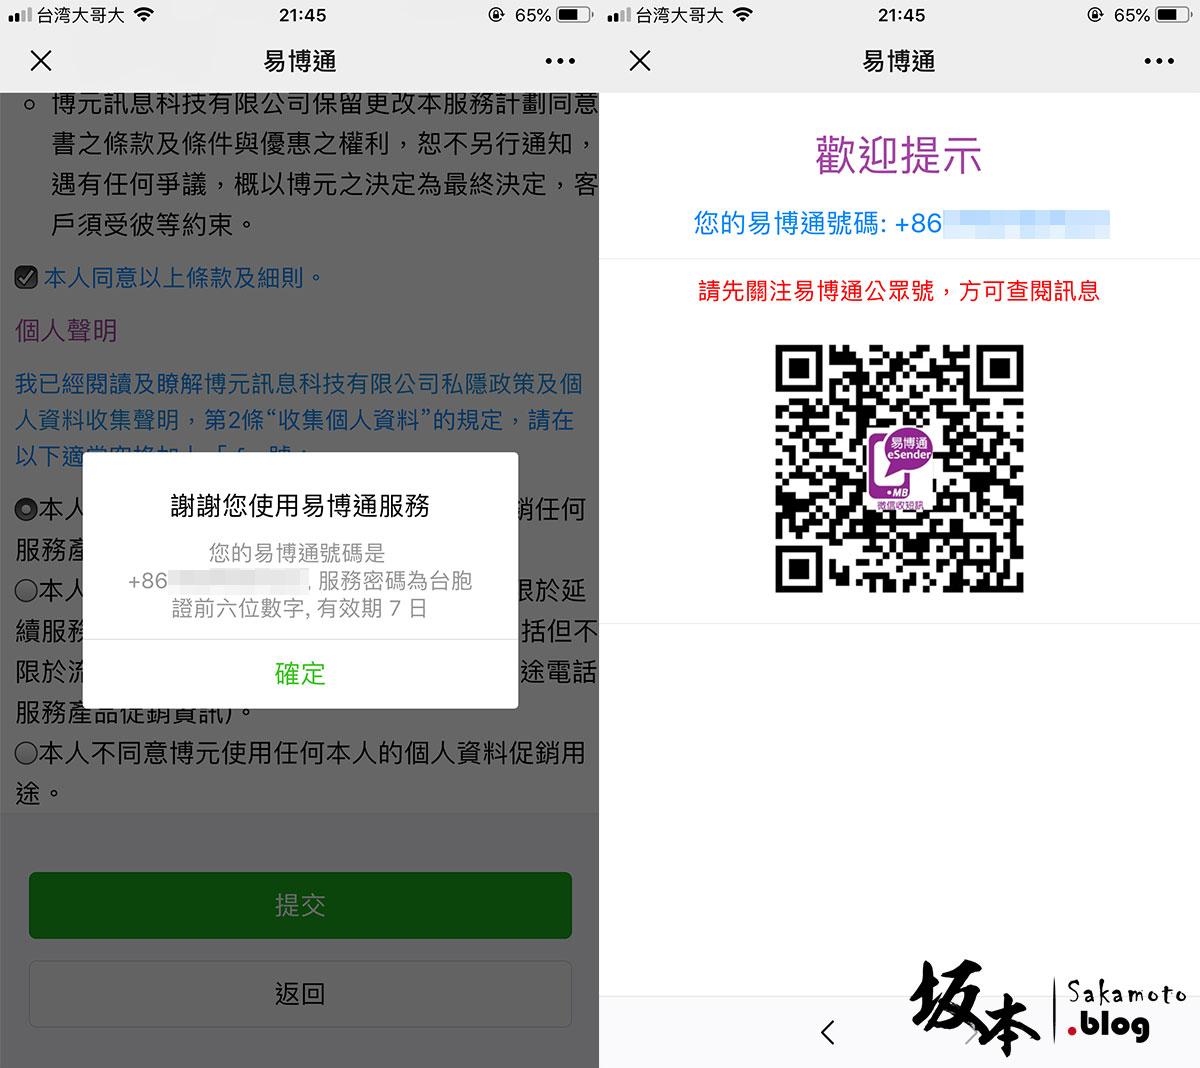 易博通 eSender 申請中國門號免SIM卡 8